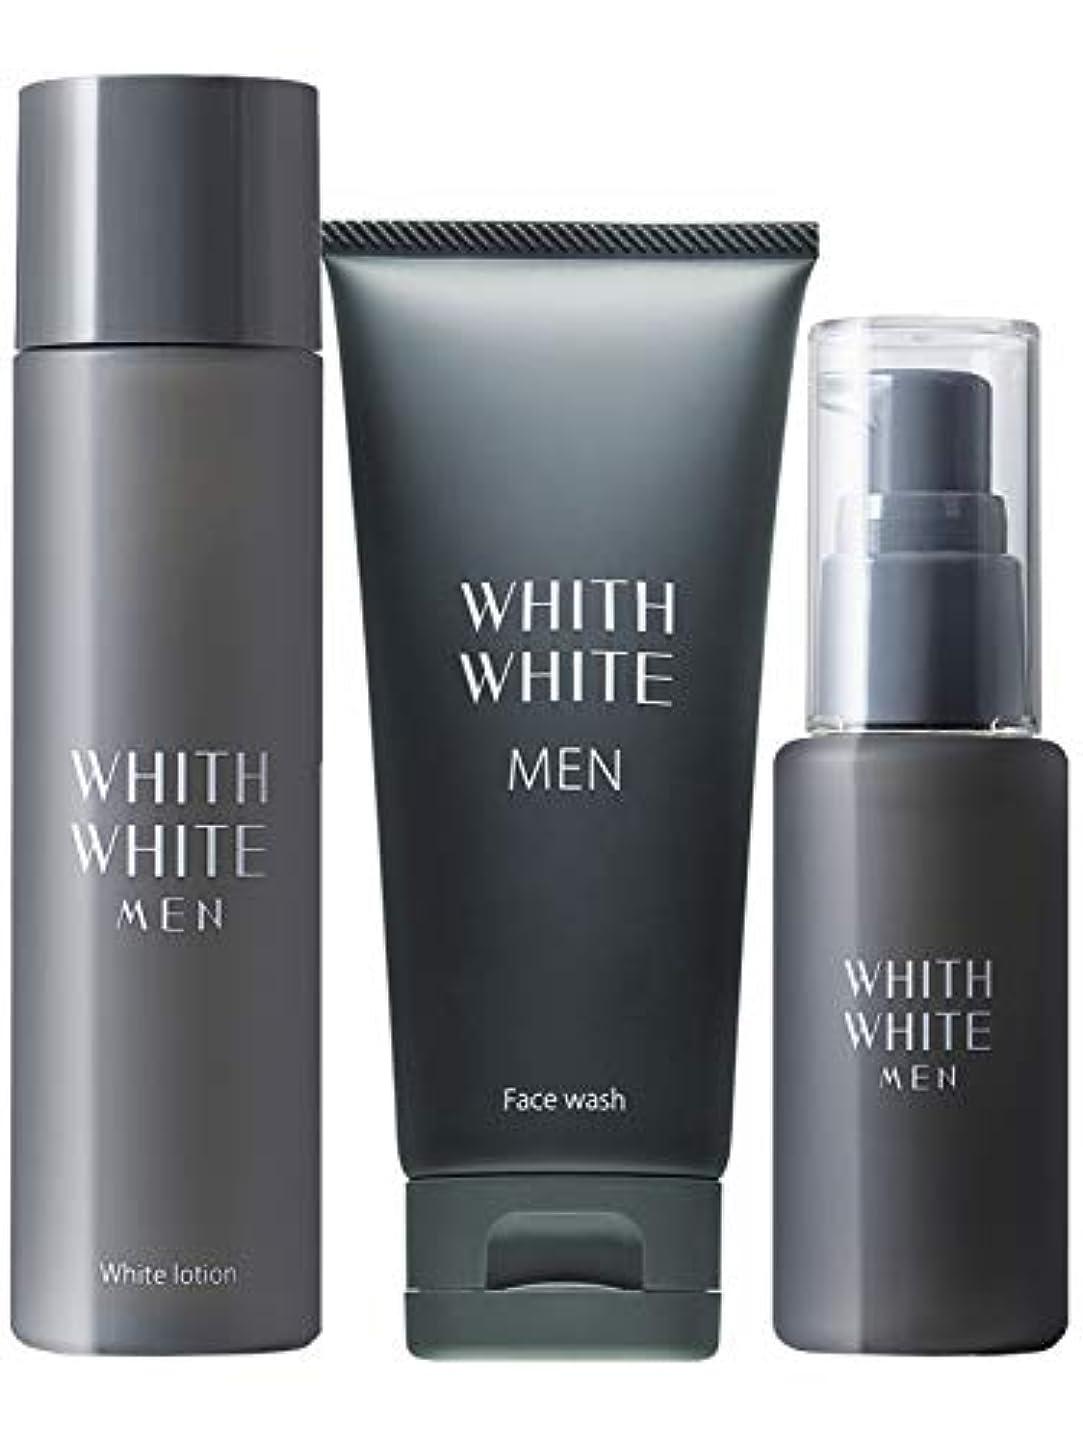 納得させる倒錯励起メンズ スキンケア セット 医薬部外品 洗顔 & 化粧水 & 美容液 フィス ホワイト 「30代~50代の 男性 専用」「 男 の しみ くすみ 完全対策 」( 男性用 化粧品 ) 95g & 120ml & 50ml